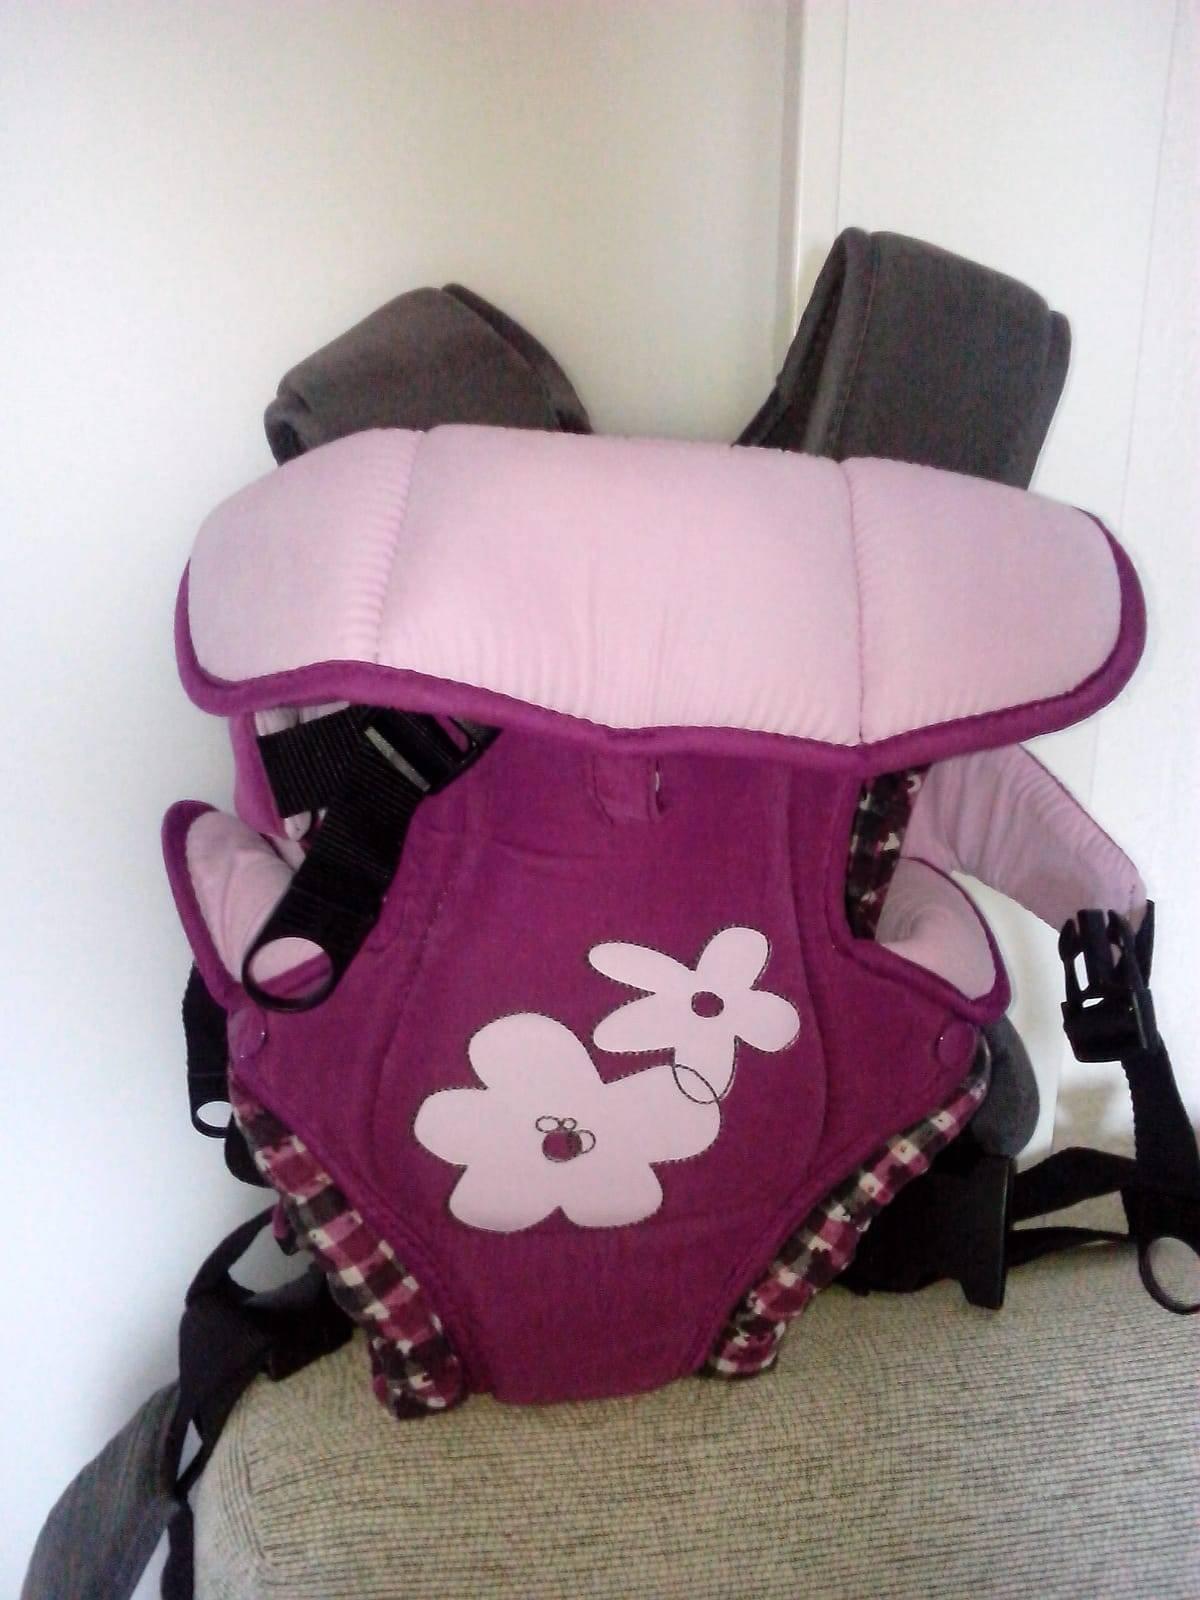 Mini cuna y mochila porta bebe